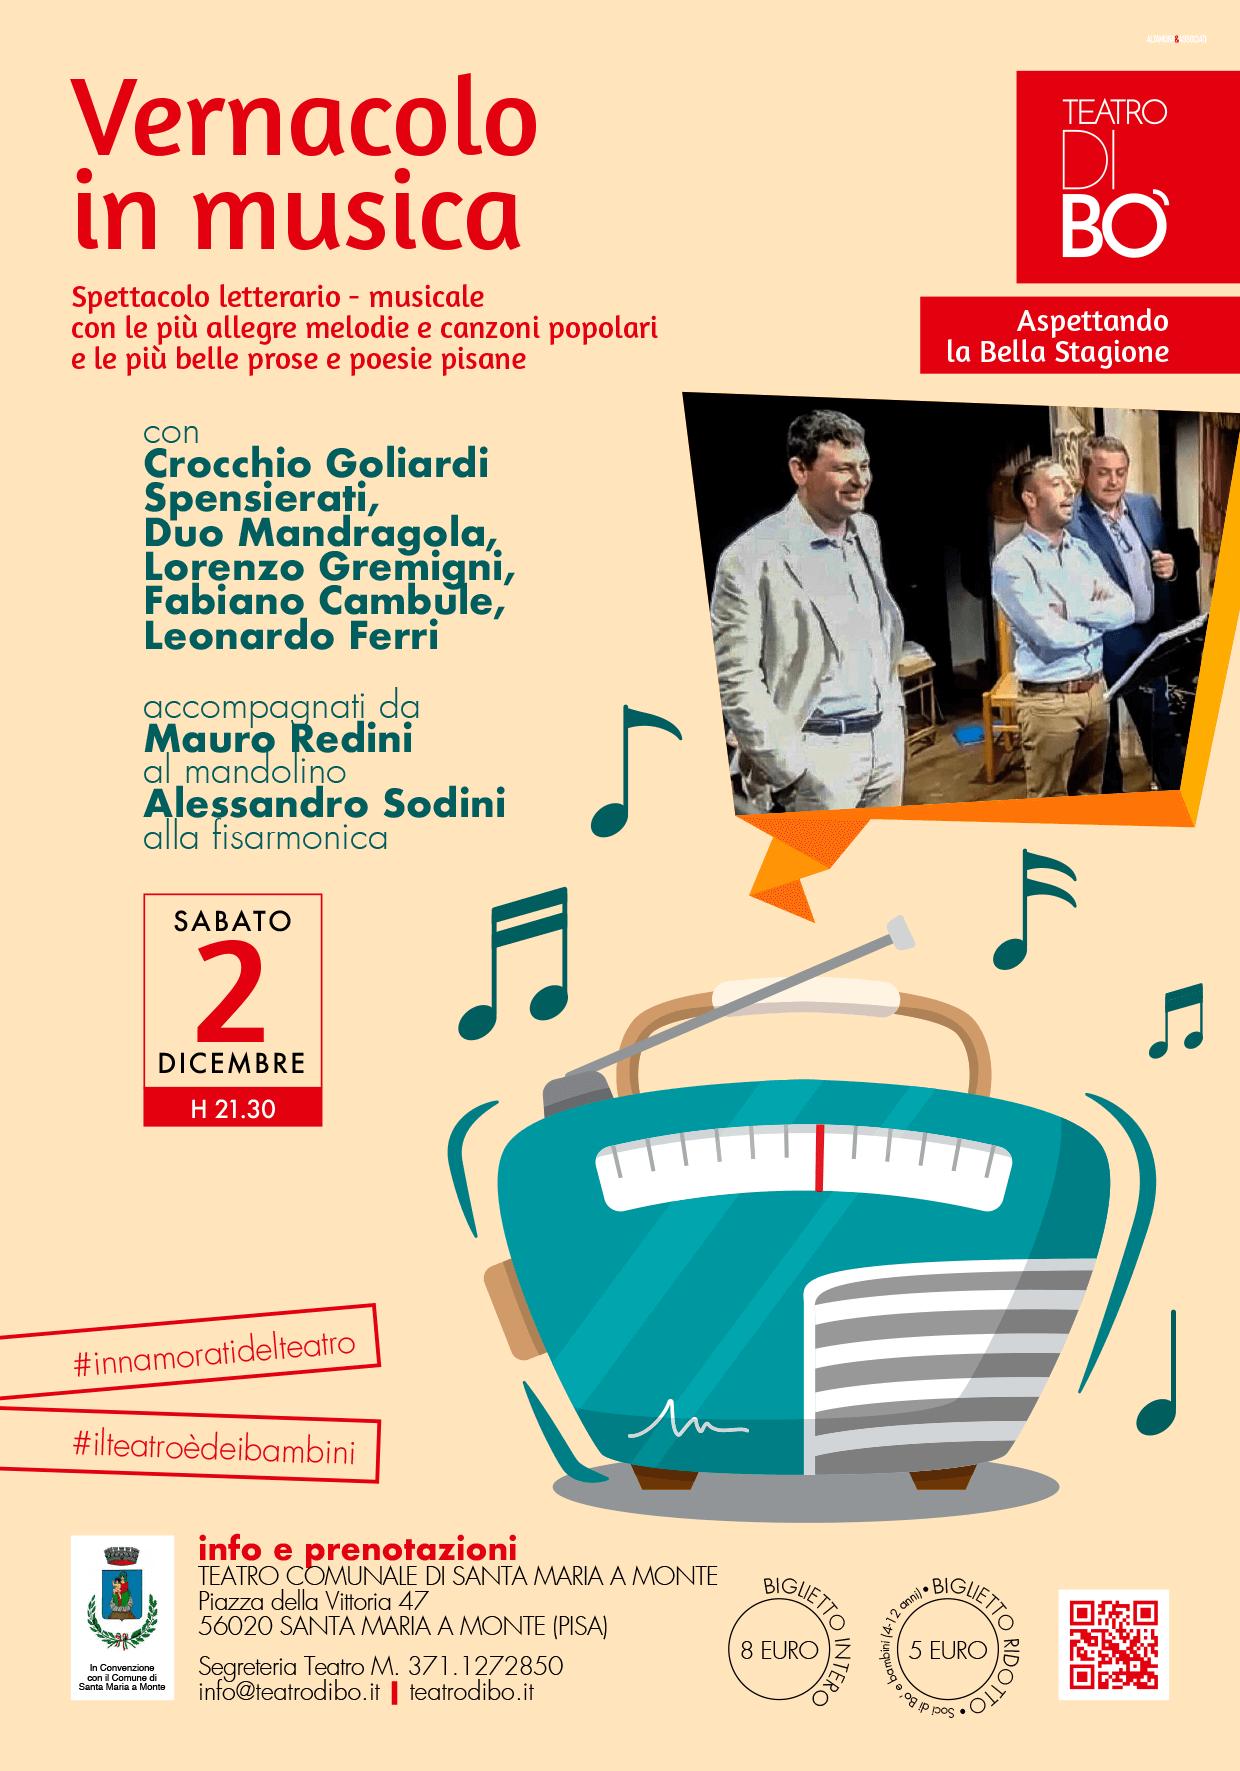 vernacolo in musica locandina teatro di bo